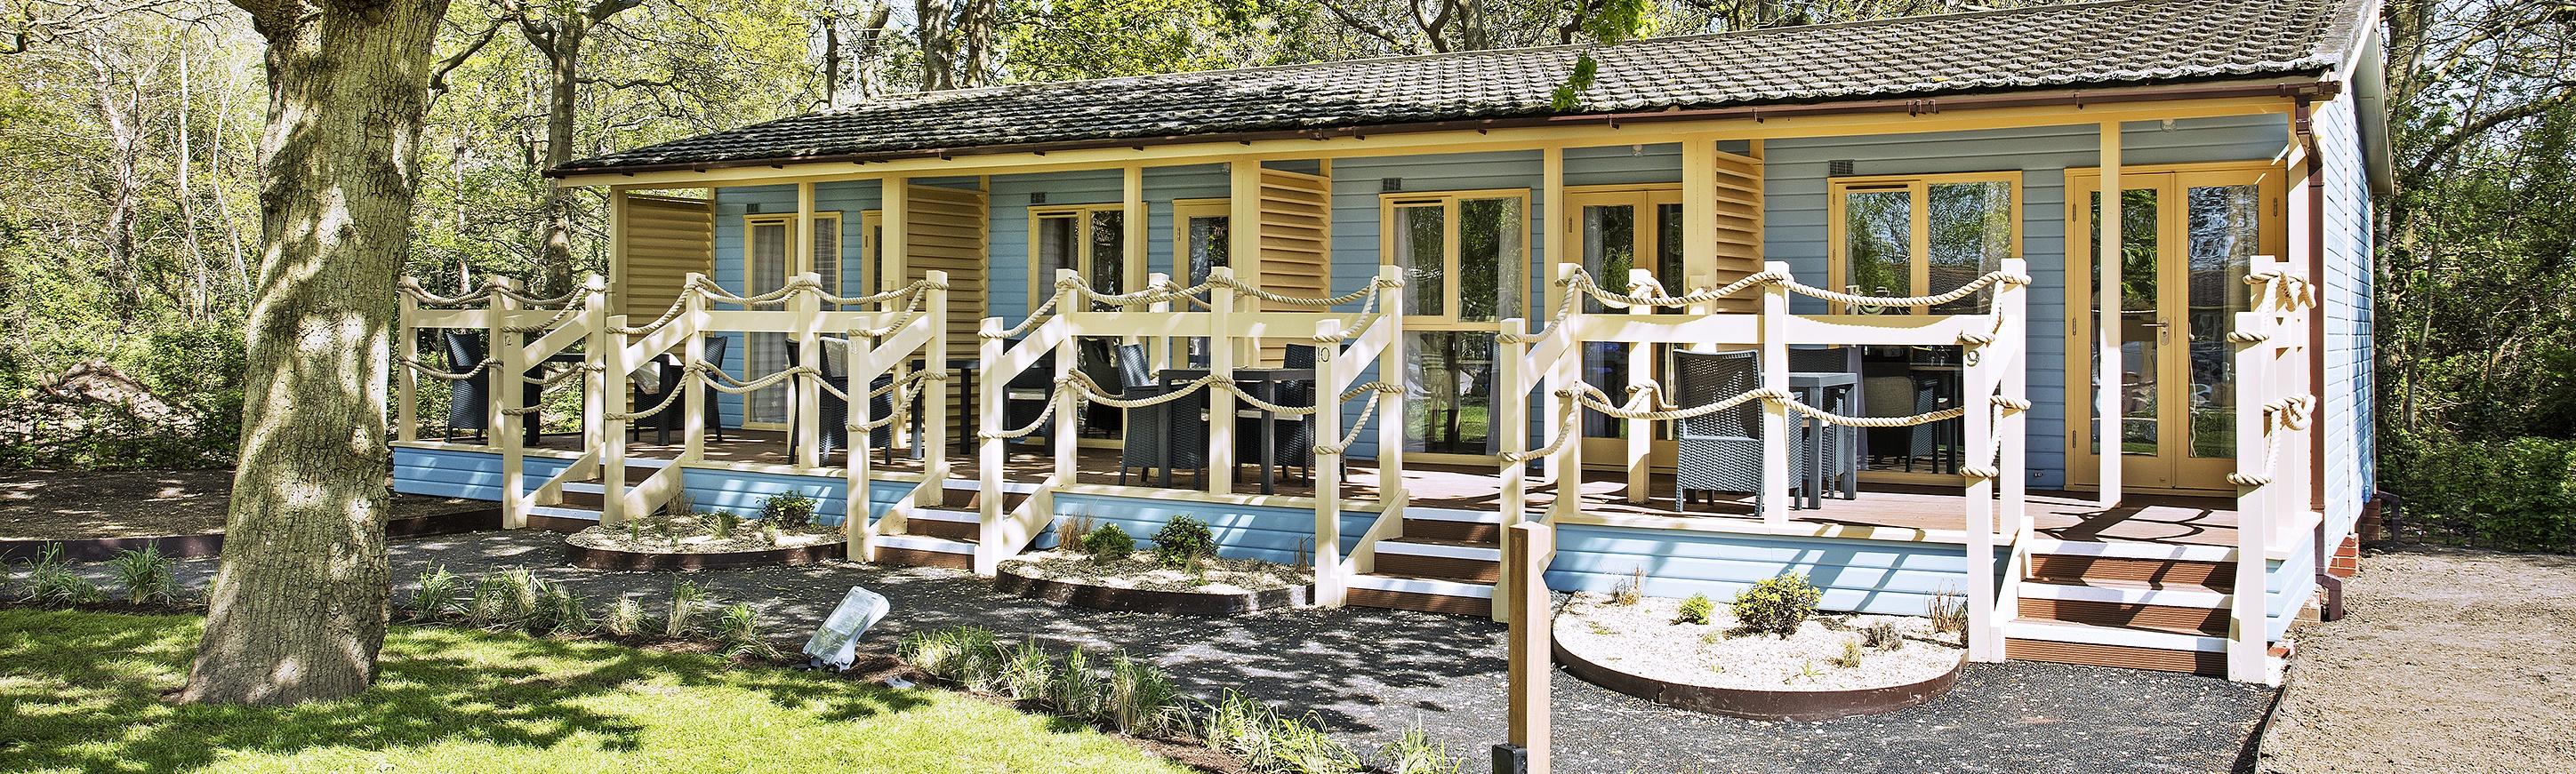 Lakeside Tourist Lodge Upgrade